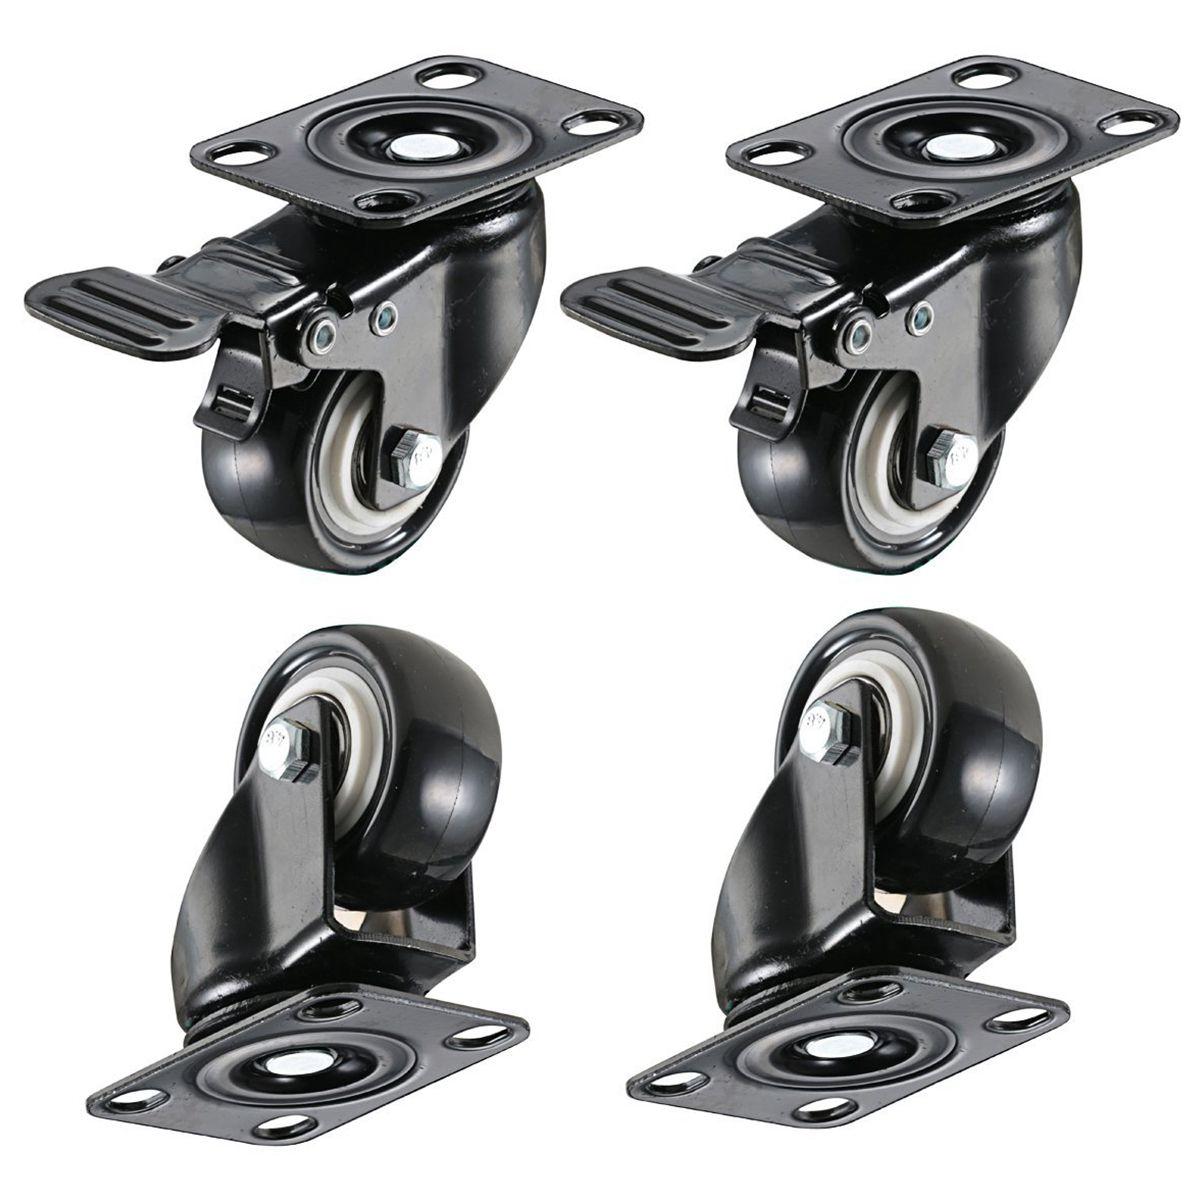 4 paket 2in Heavy Duty Caster Räder Polyurethan PU Swivel Rollen mit 360 Grad Top Platte 220lb Insgesamt Kapazität für möbel